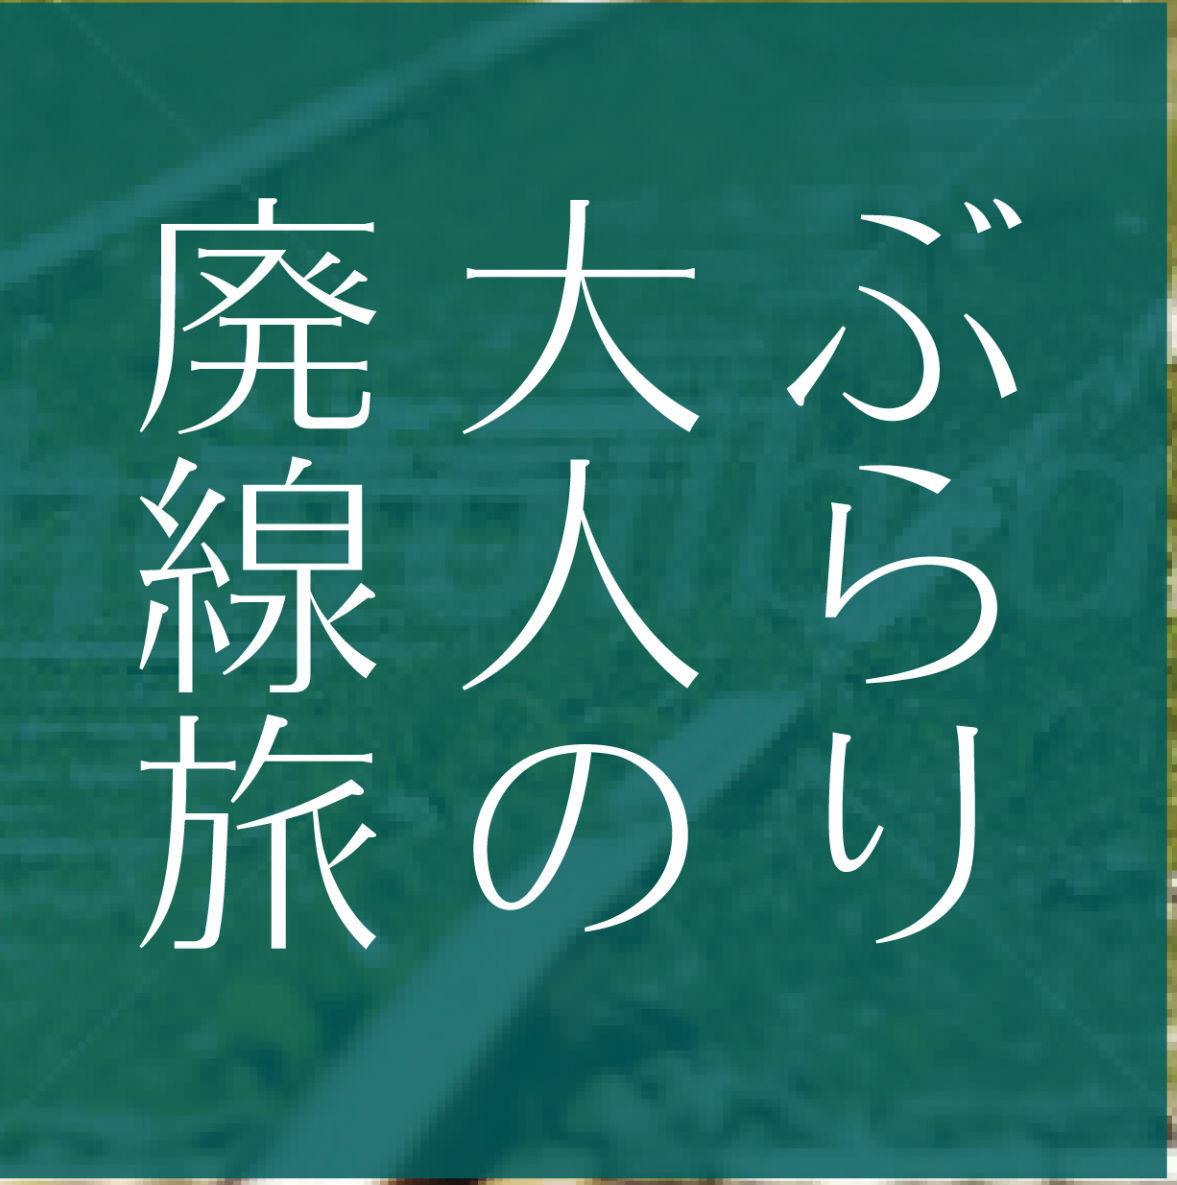 井笠鉄道【前編】細道として舗装された廃線跡を歩く